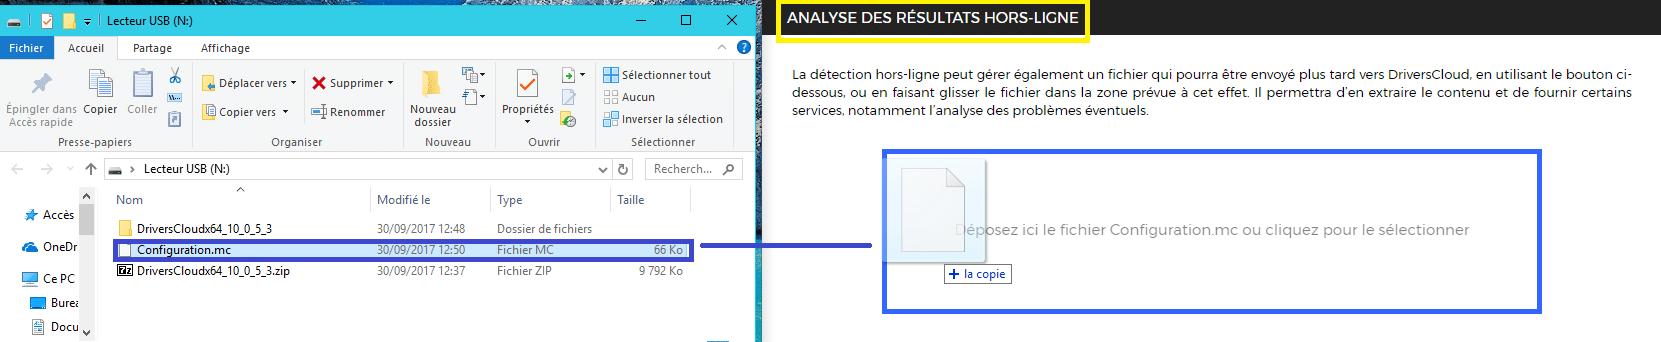 DriversCloud v2 : détection hors ligne analyse 1